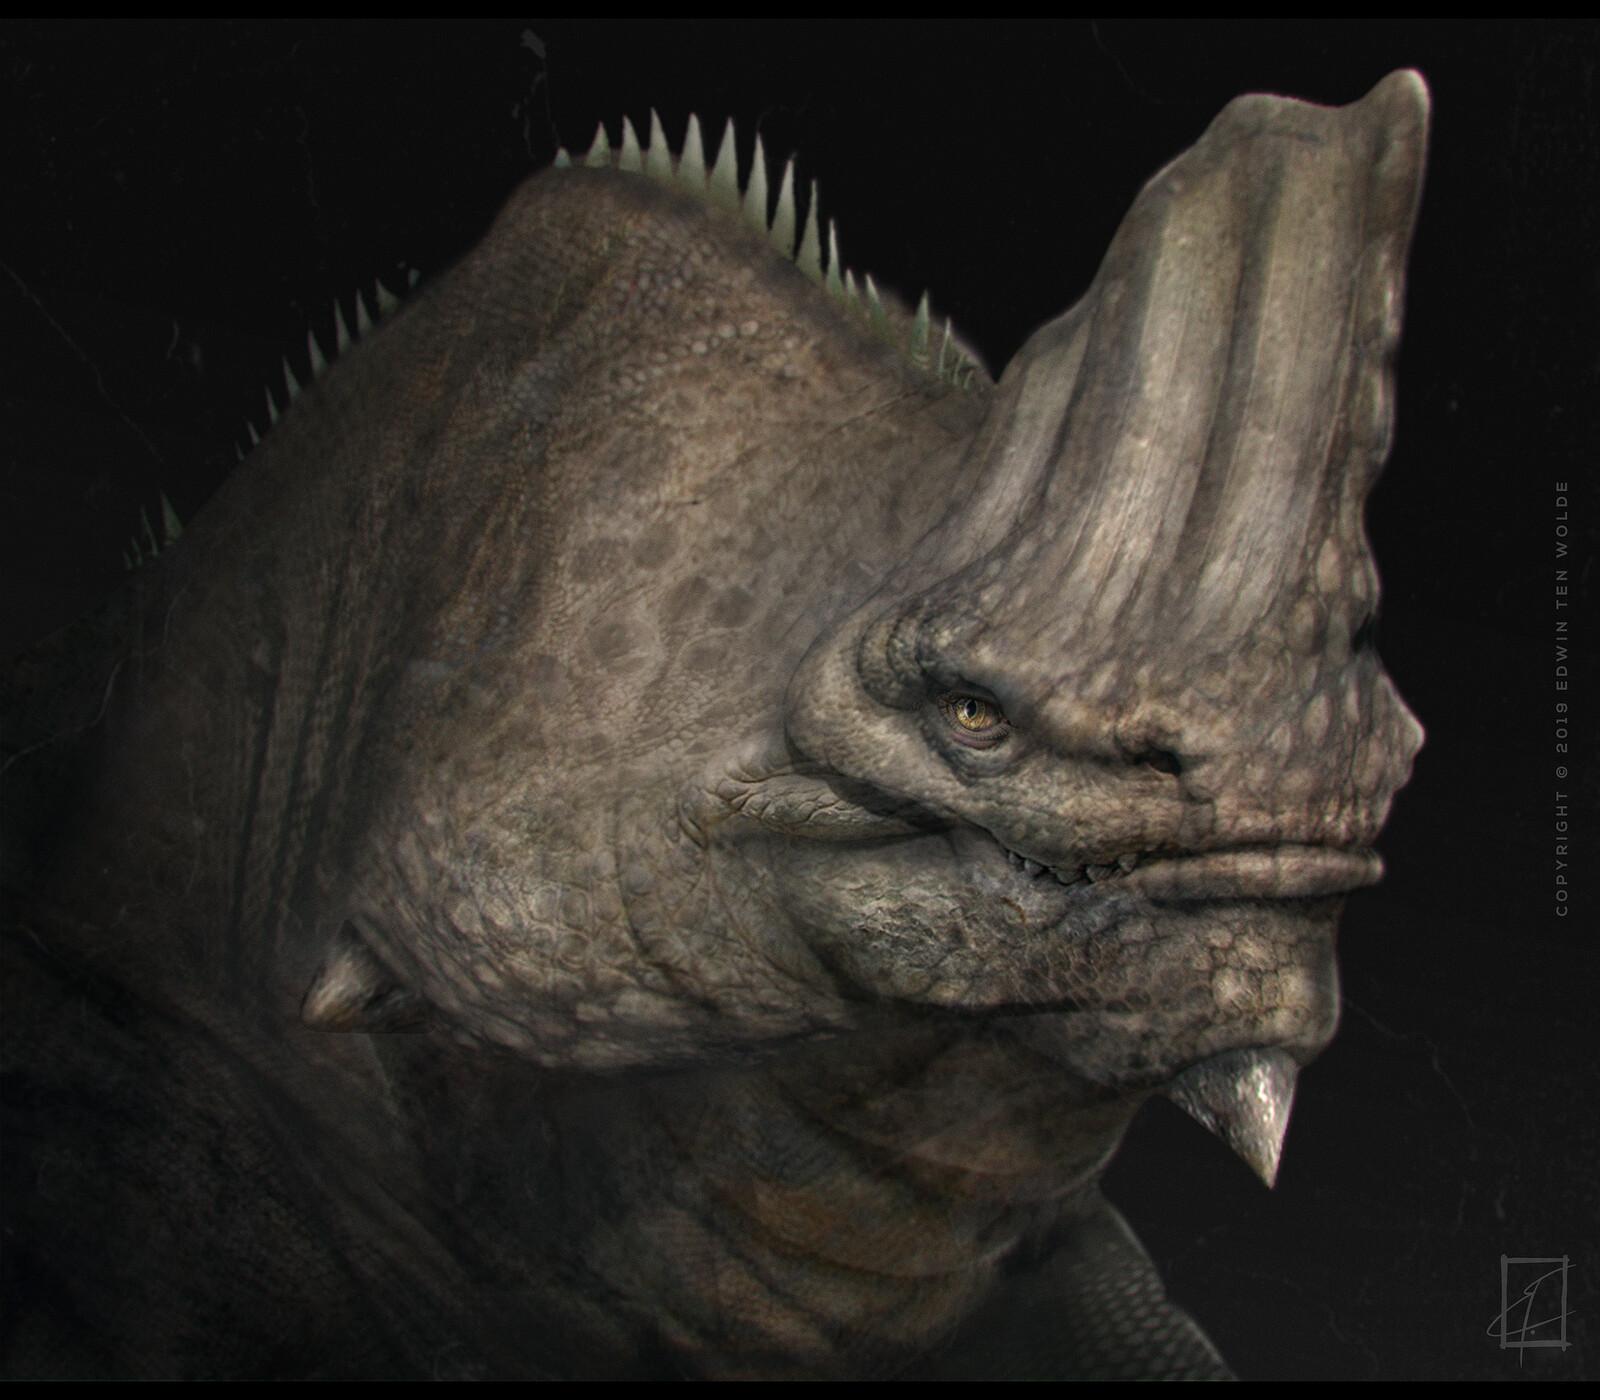 The Iguanordon Dragon